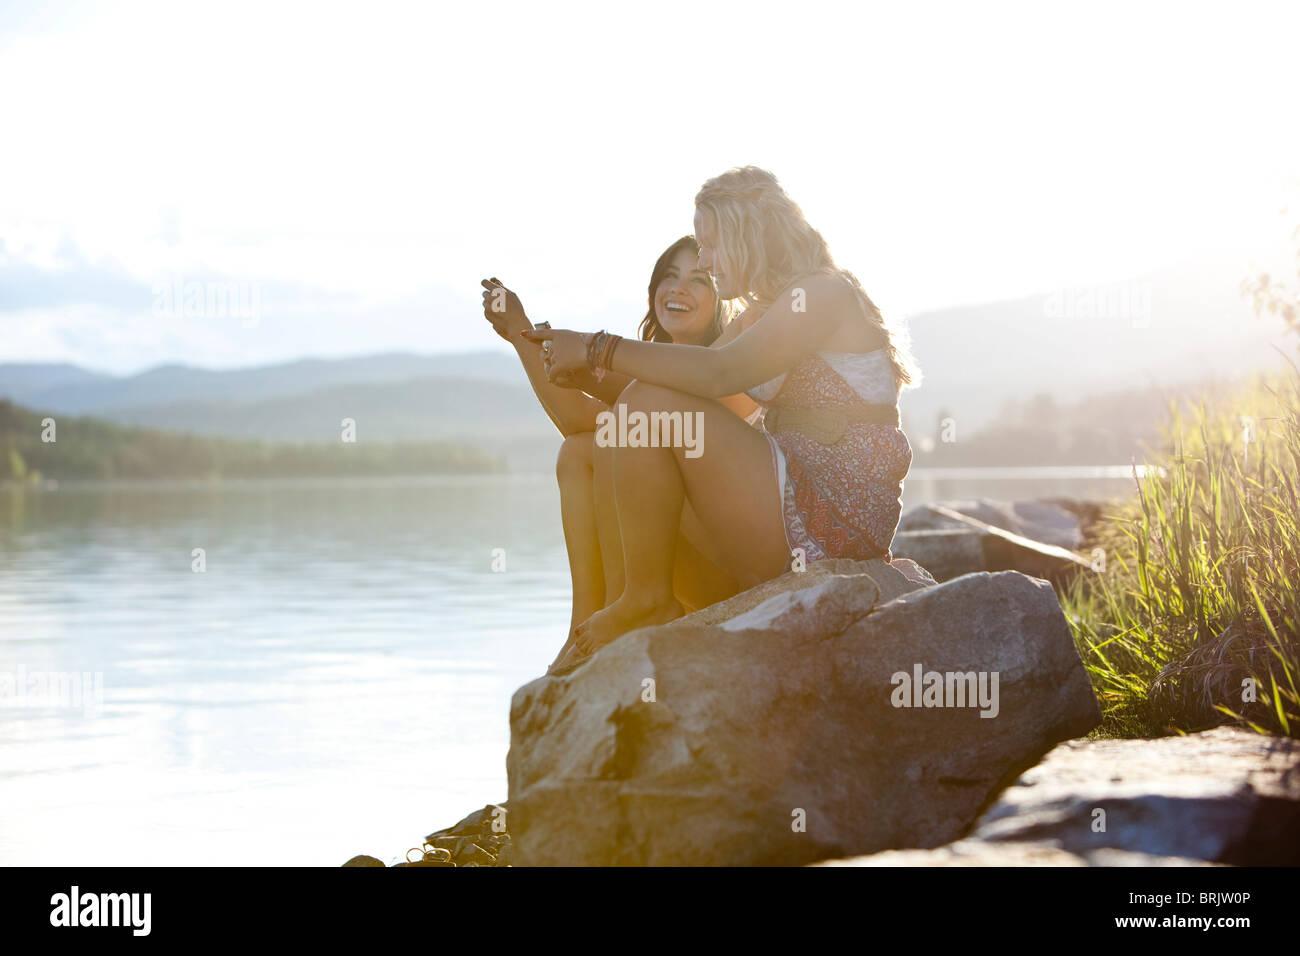 Zwei junge Frauen lachen während SMS bei Sonnenuntergang auf dem See. Stockbild